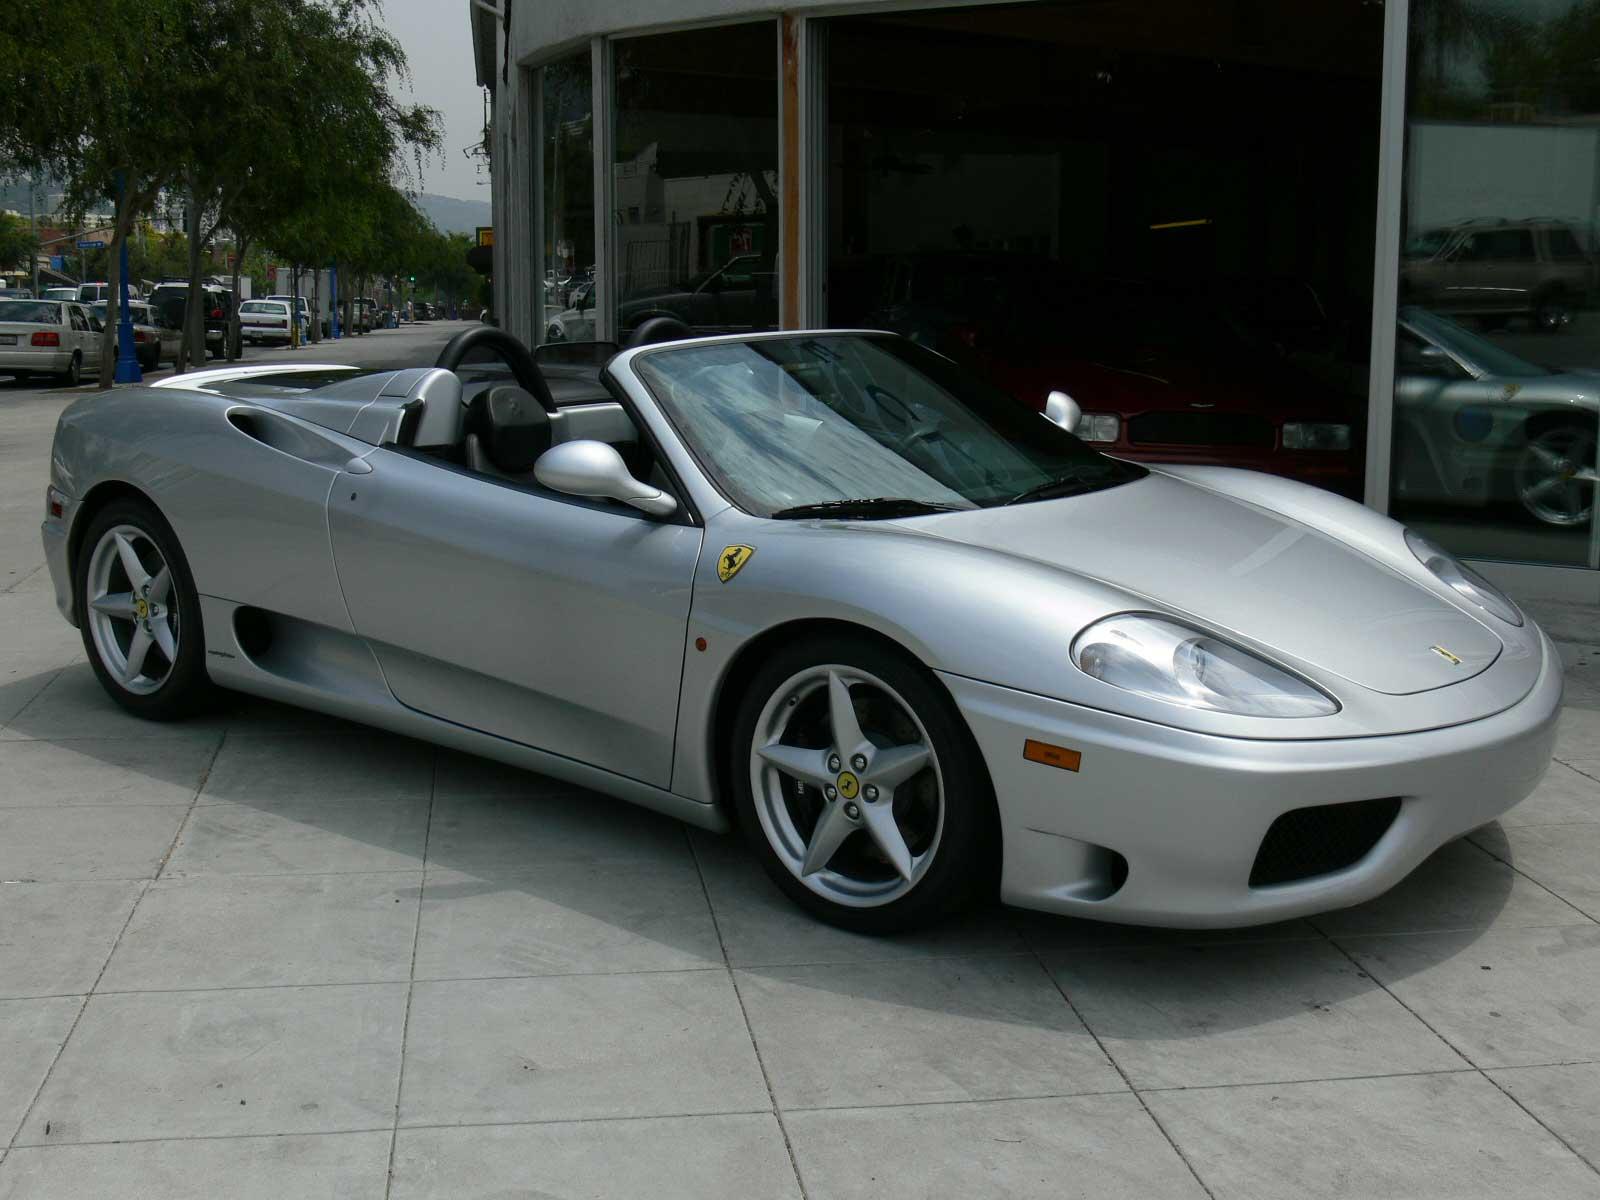 Ferrari P4 5 >> 2004 Ferrari 360 - Pictures - CarGurus